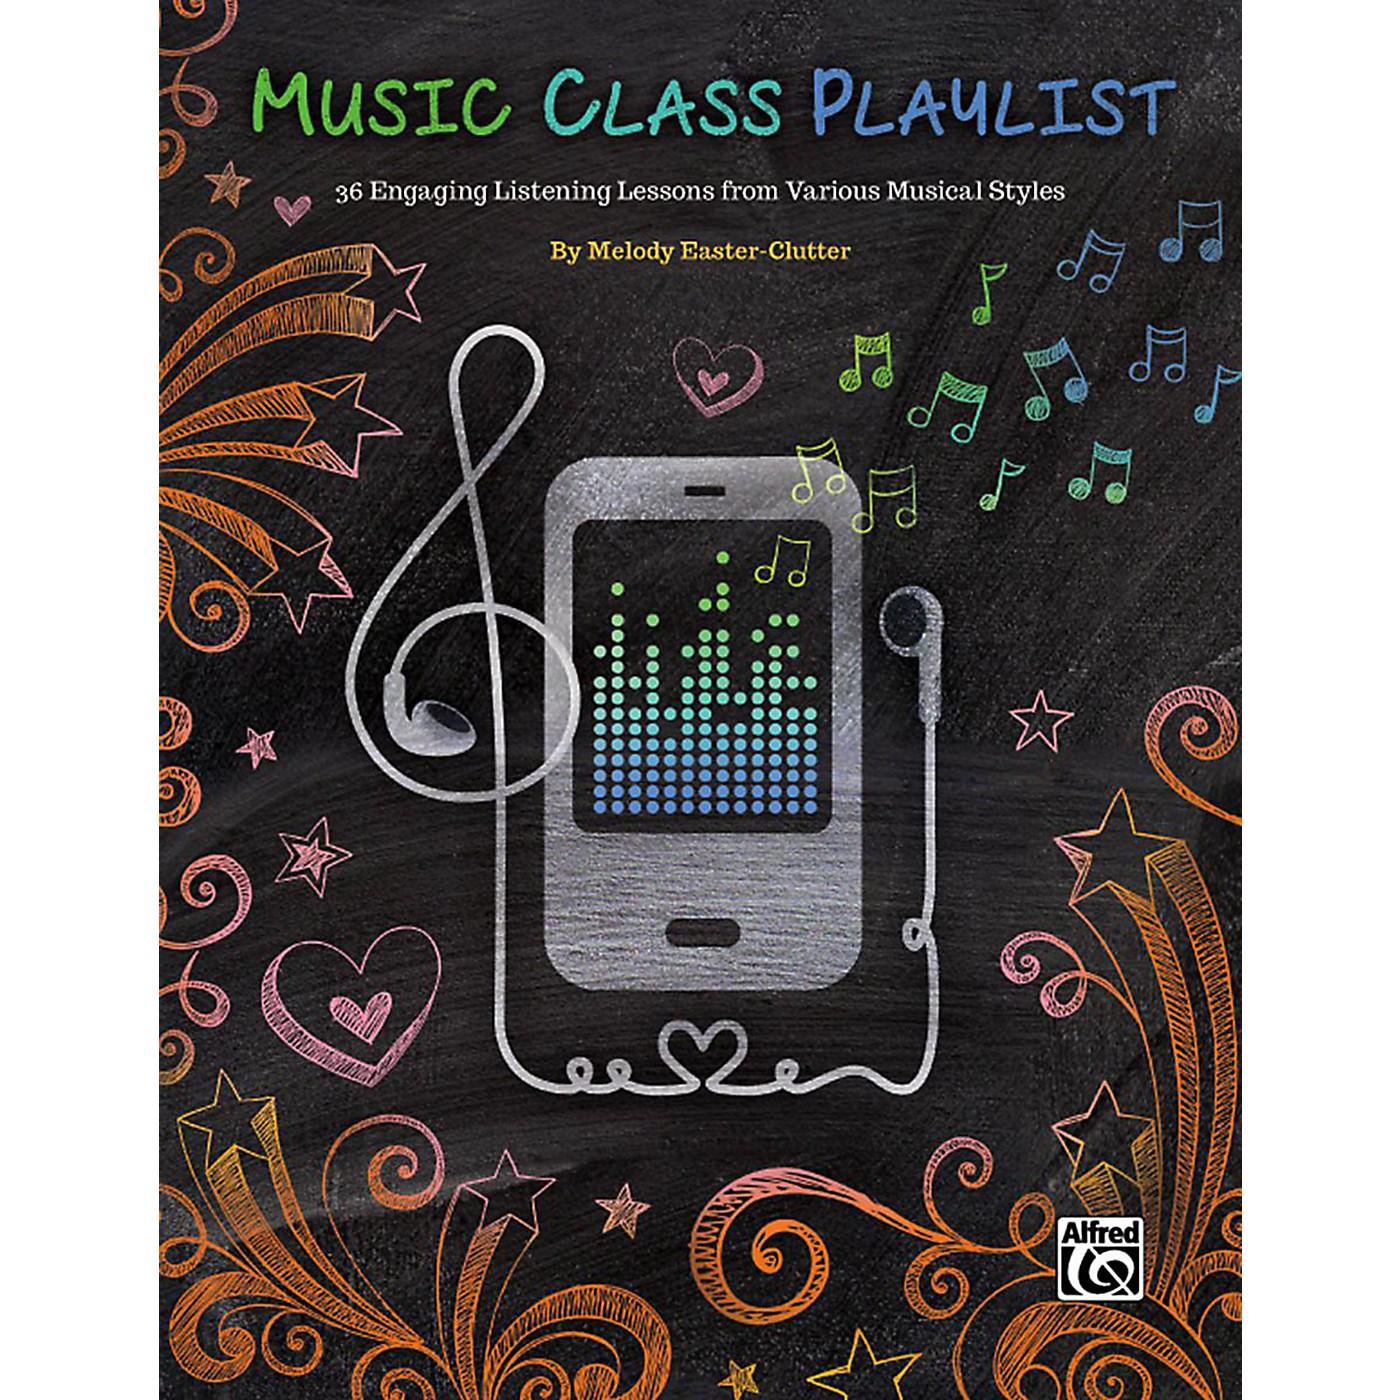 Alfred Music Class Playlist Teacher's Handbook thumbnail